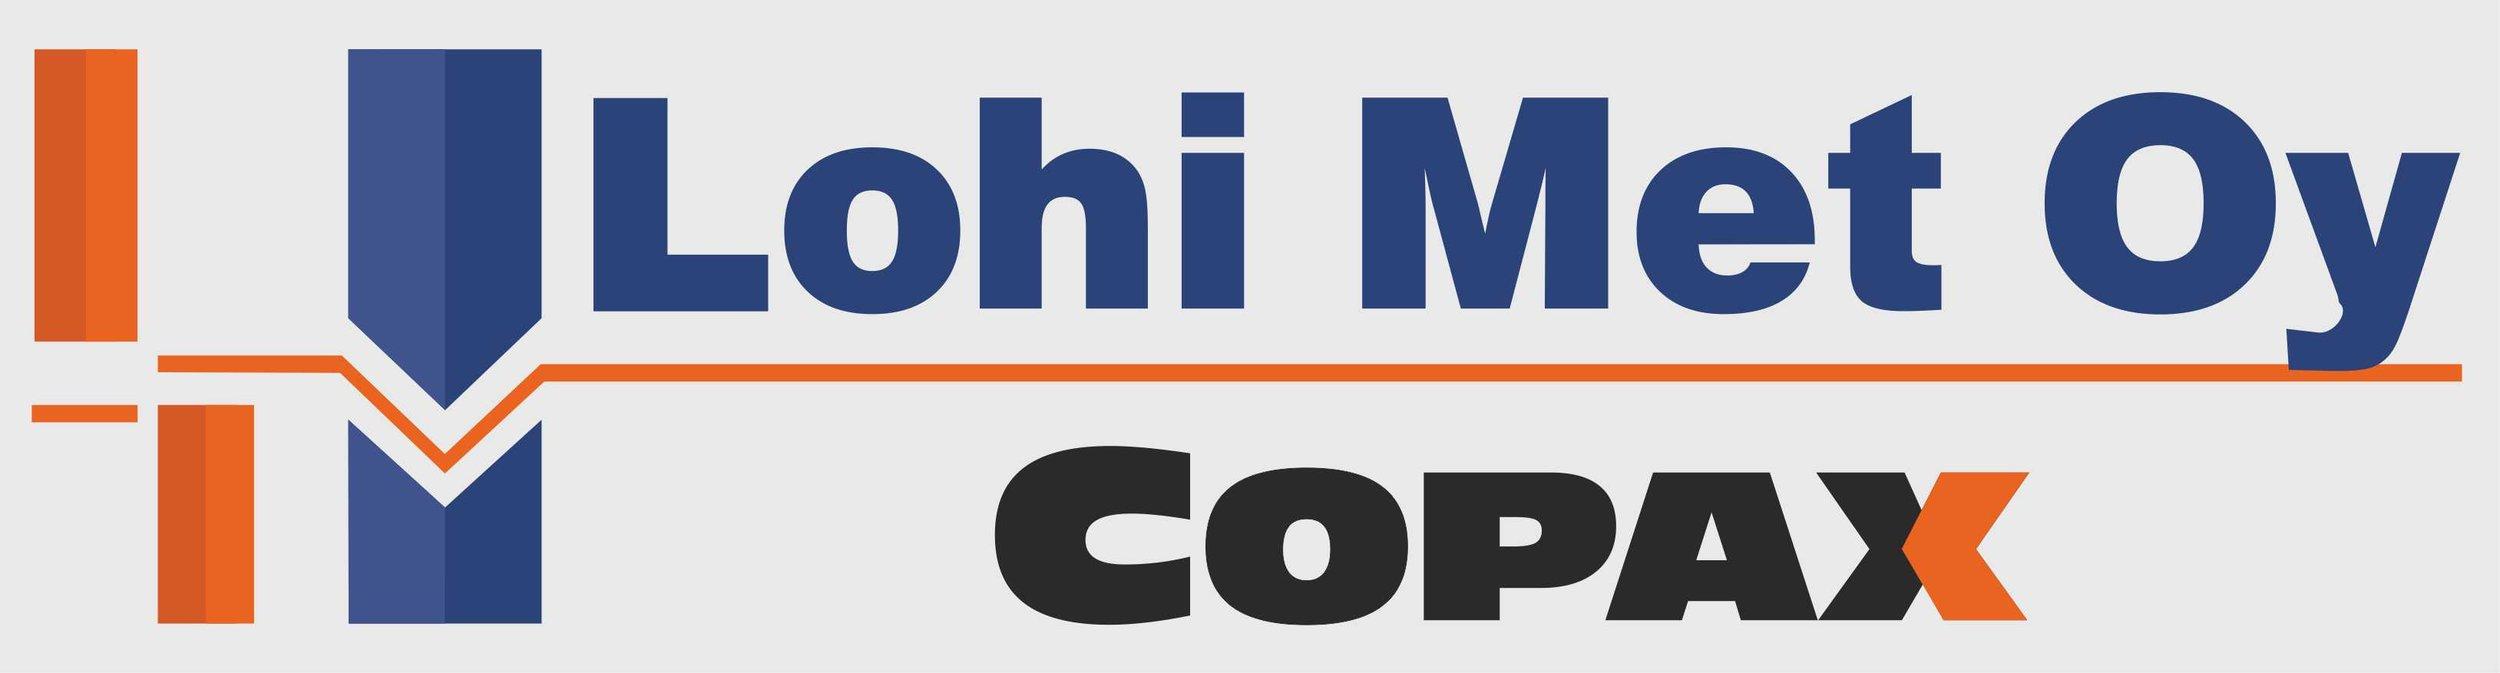 LohiMet_Copax.jpg